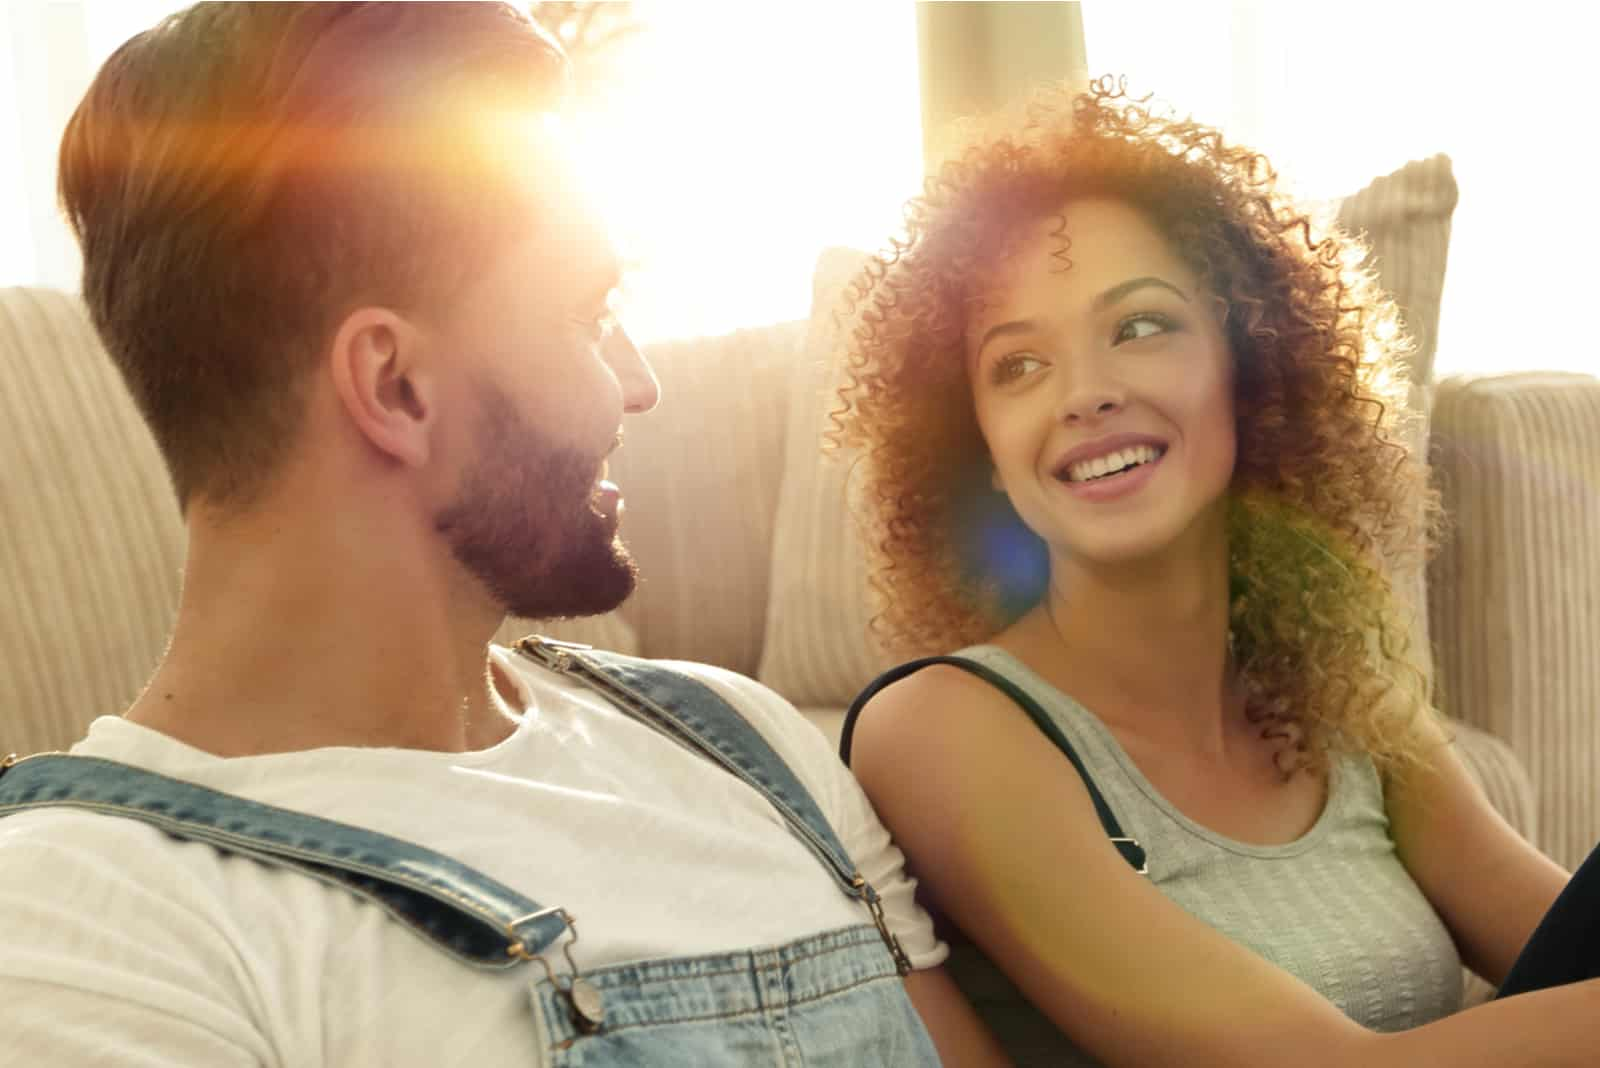 un homme et une femme souriants se regardent